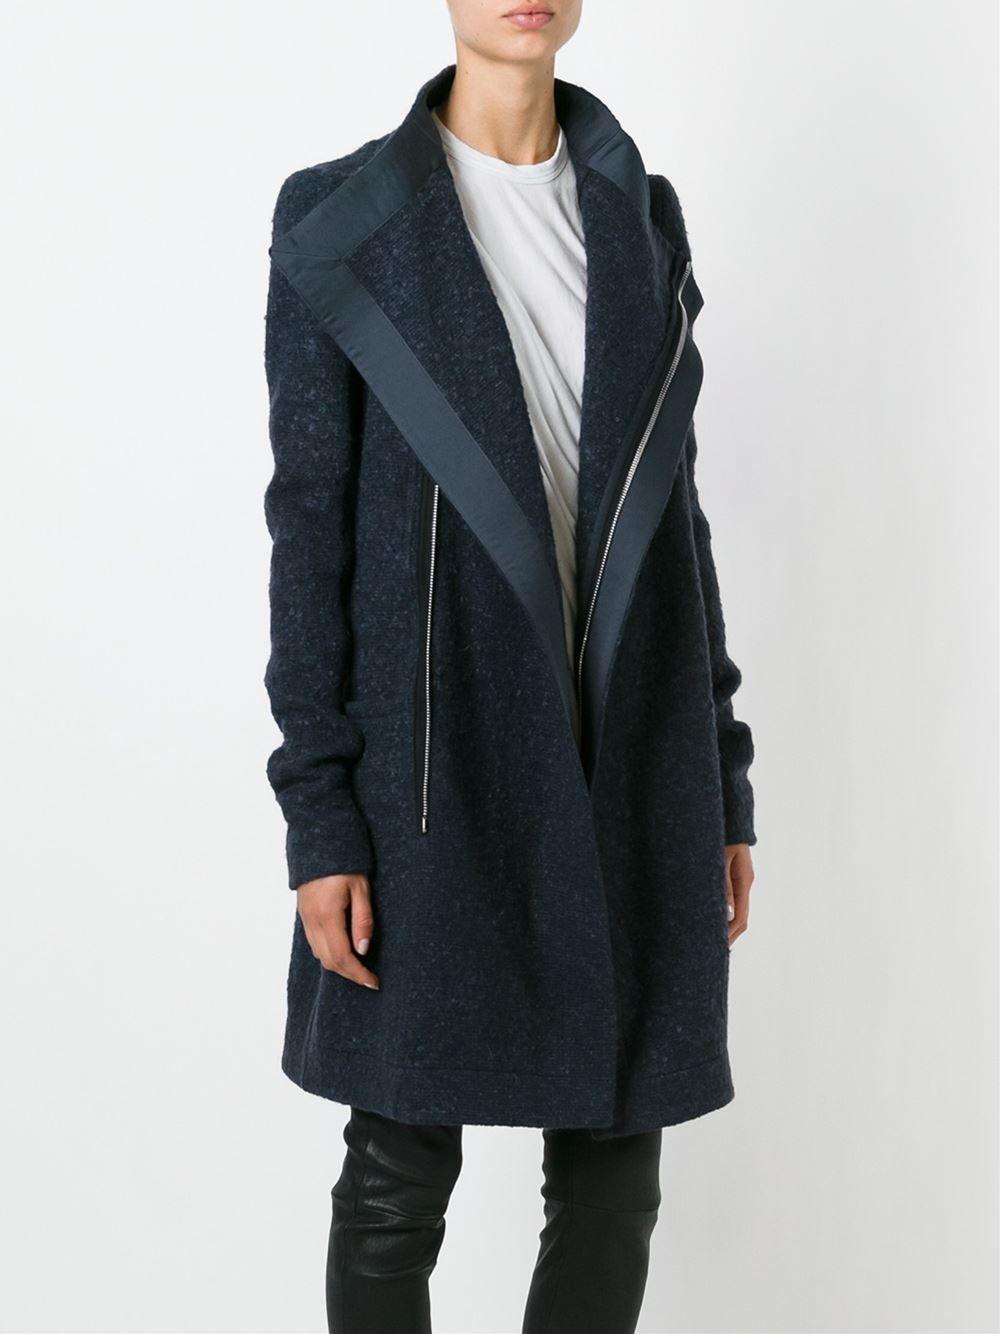 Rick Owens Draped Collar Coat - Gigi Tropea - Farfetch.com